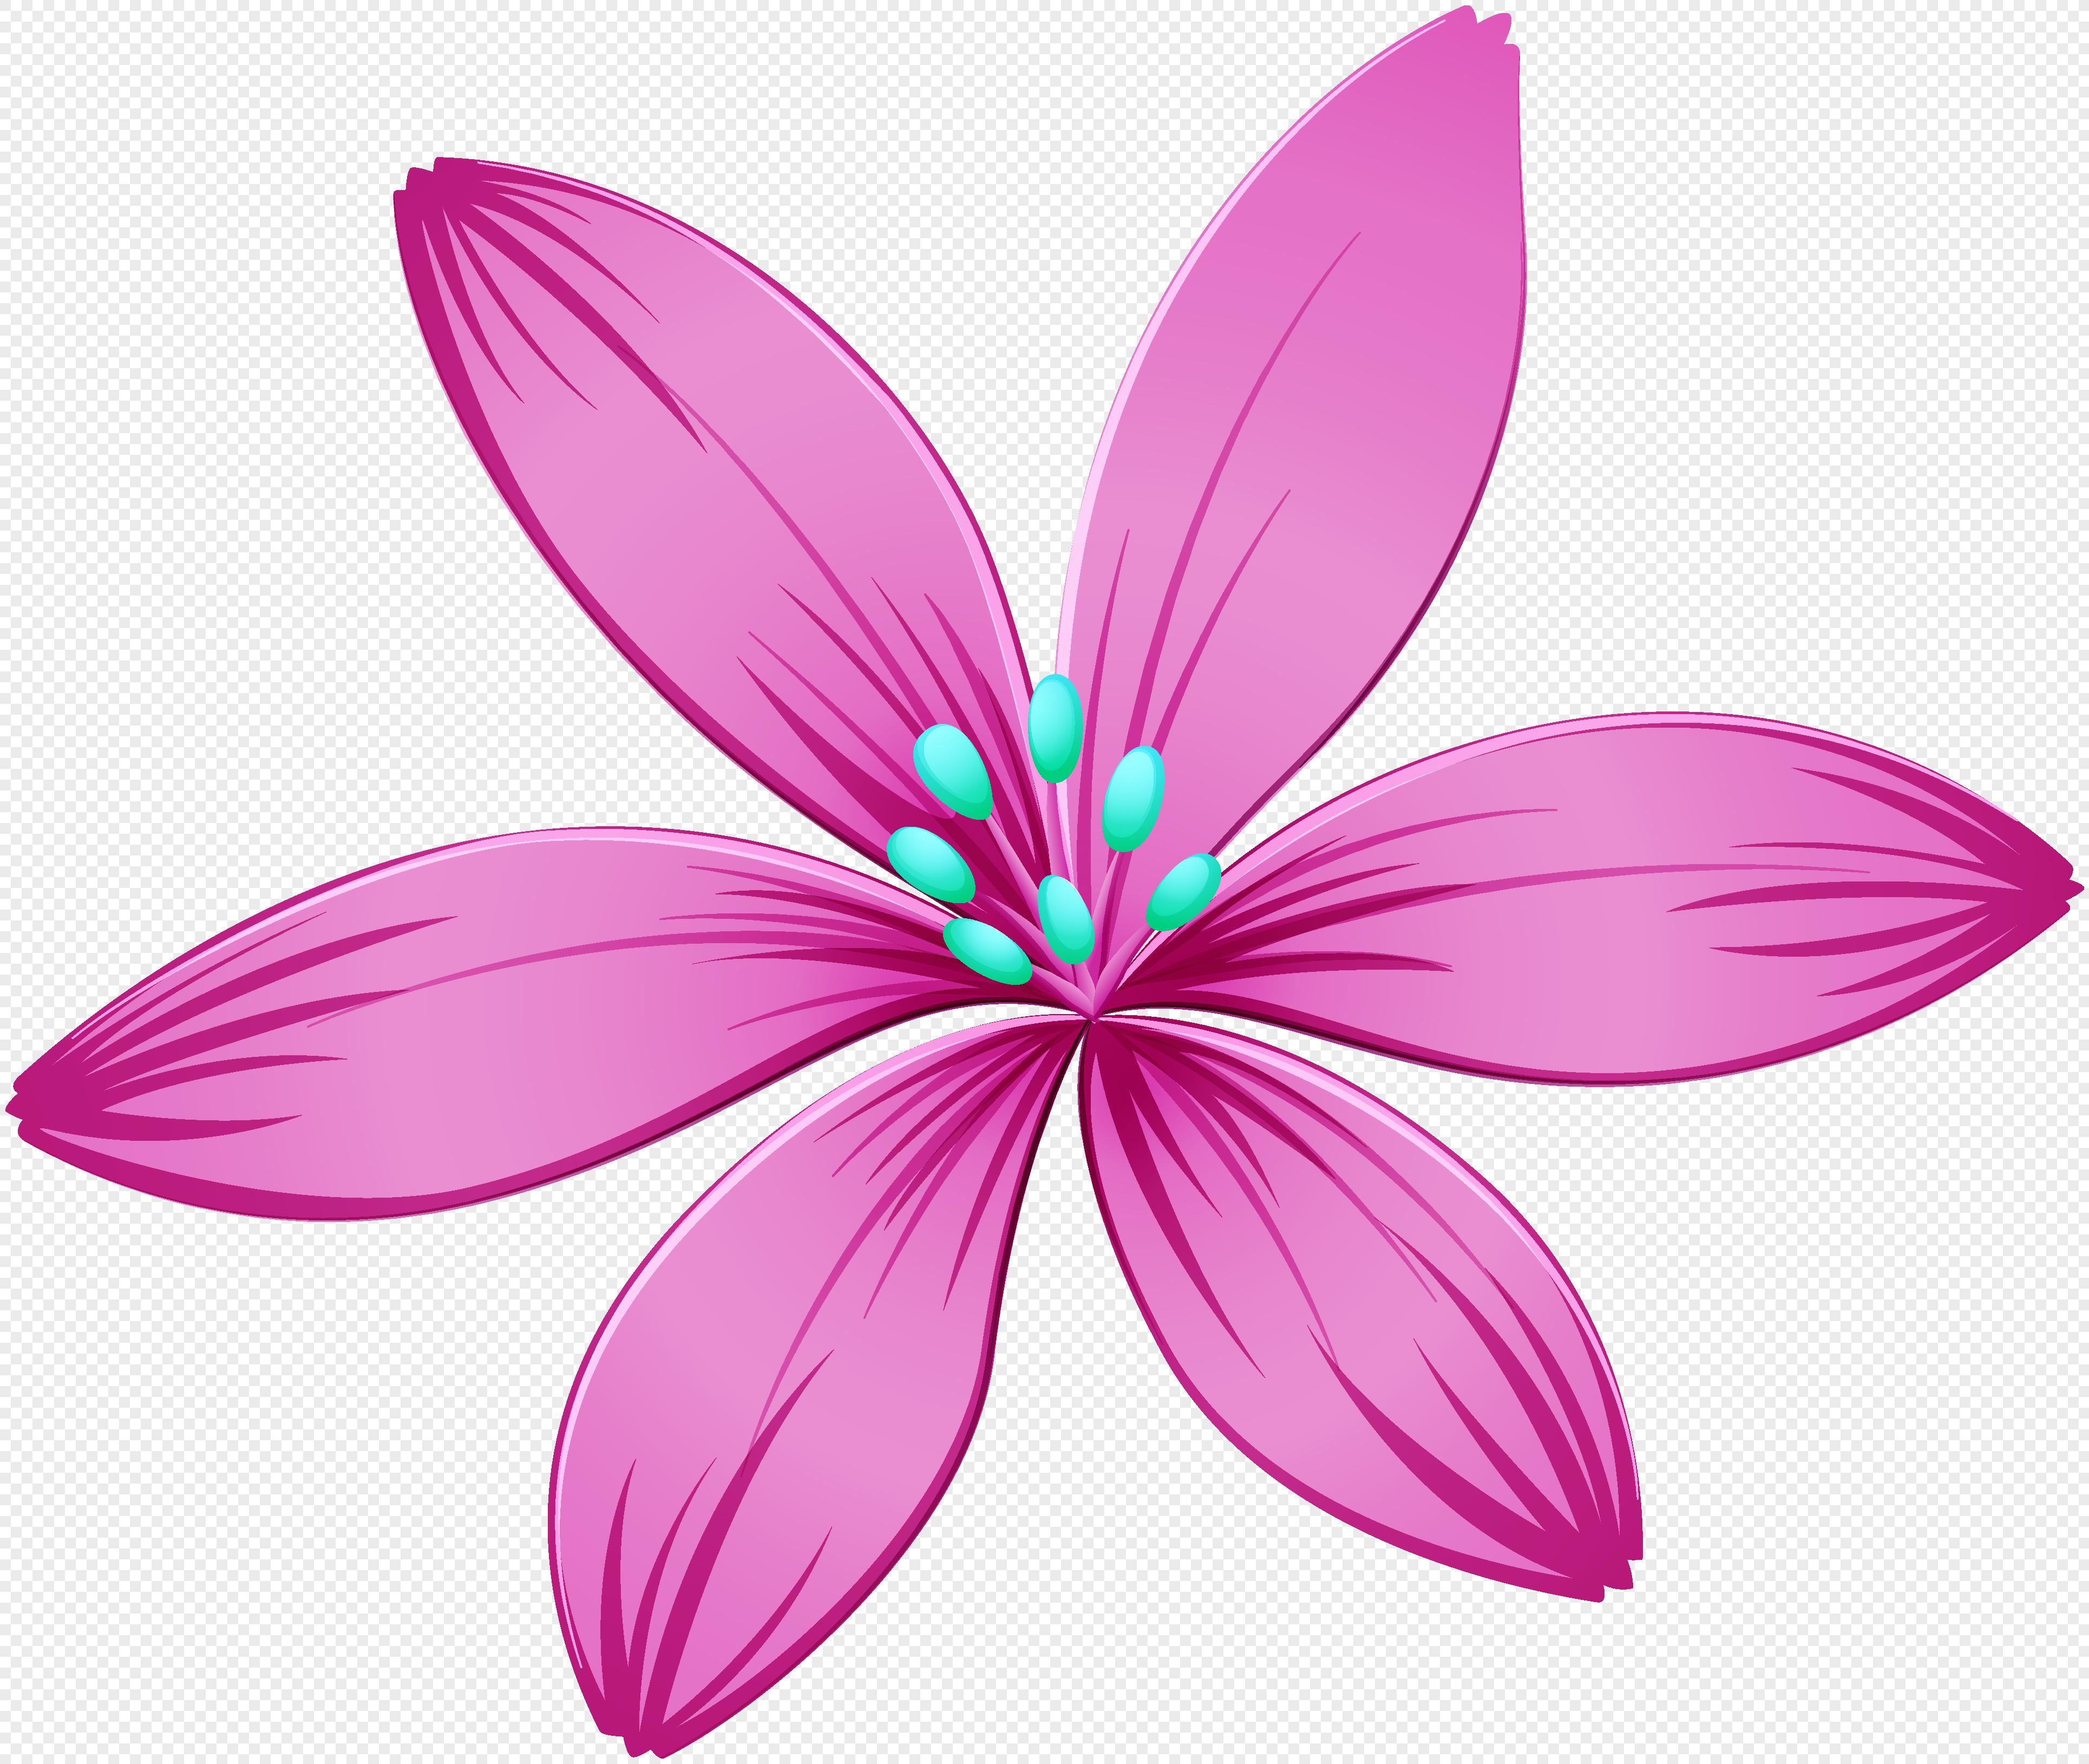 Purple Flower Cartoon Png Flowers Healthy